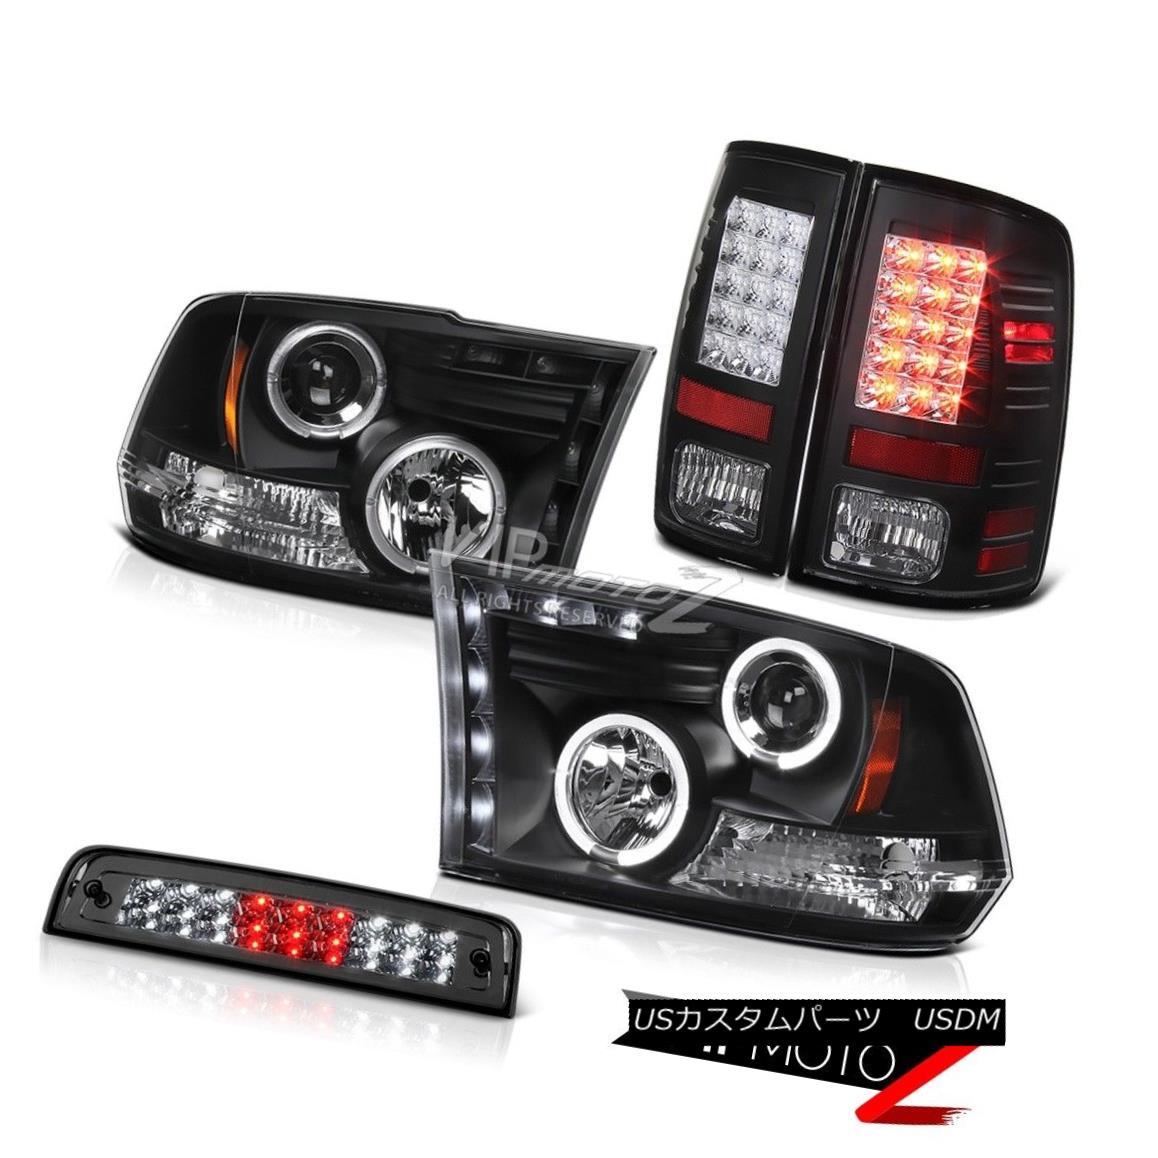 テールライト 2010-2018 Dodge Ram 1500 5.7L Smoked Third Brake Light Tail Lamps Headlights LED 2010-2018ダッジラム1500 5.7LスモークサードブレーキライトテールランプヘッドライトLED